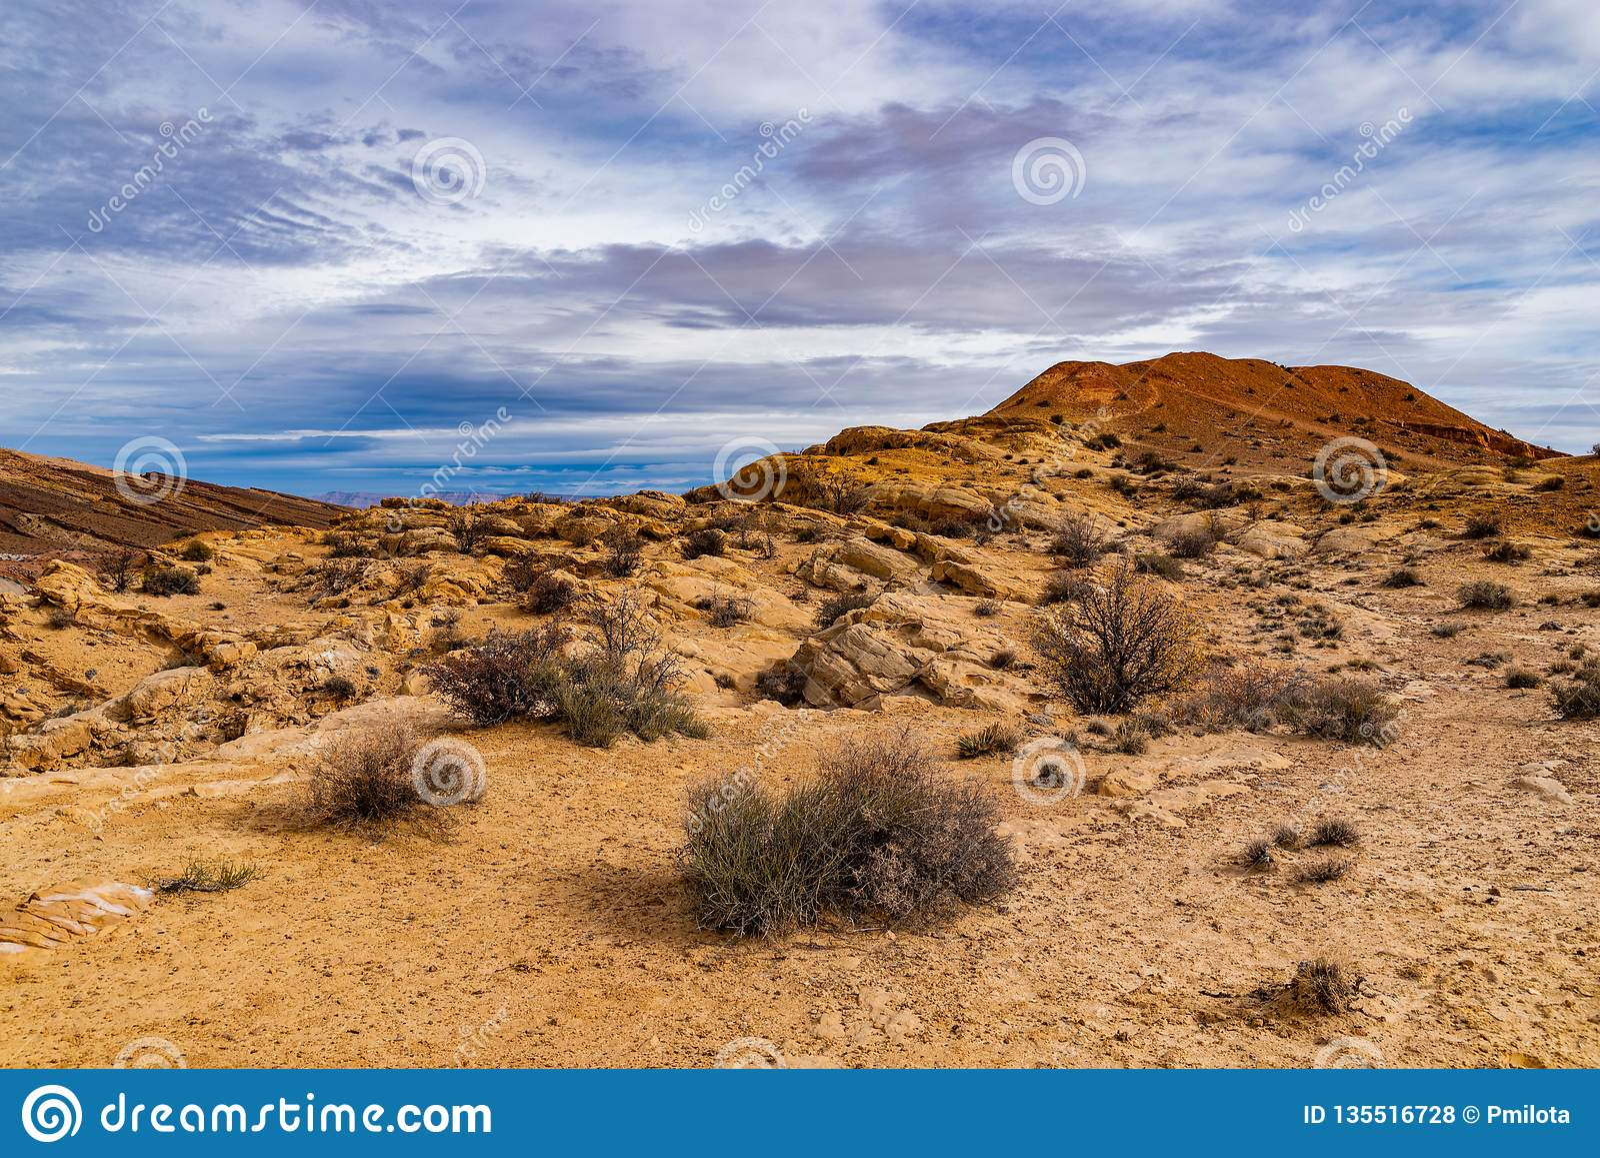 Ίχνη ερήμων της ερήμου της Γιούτα